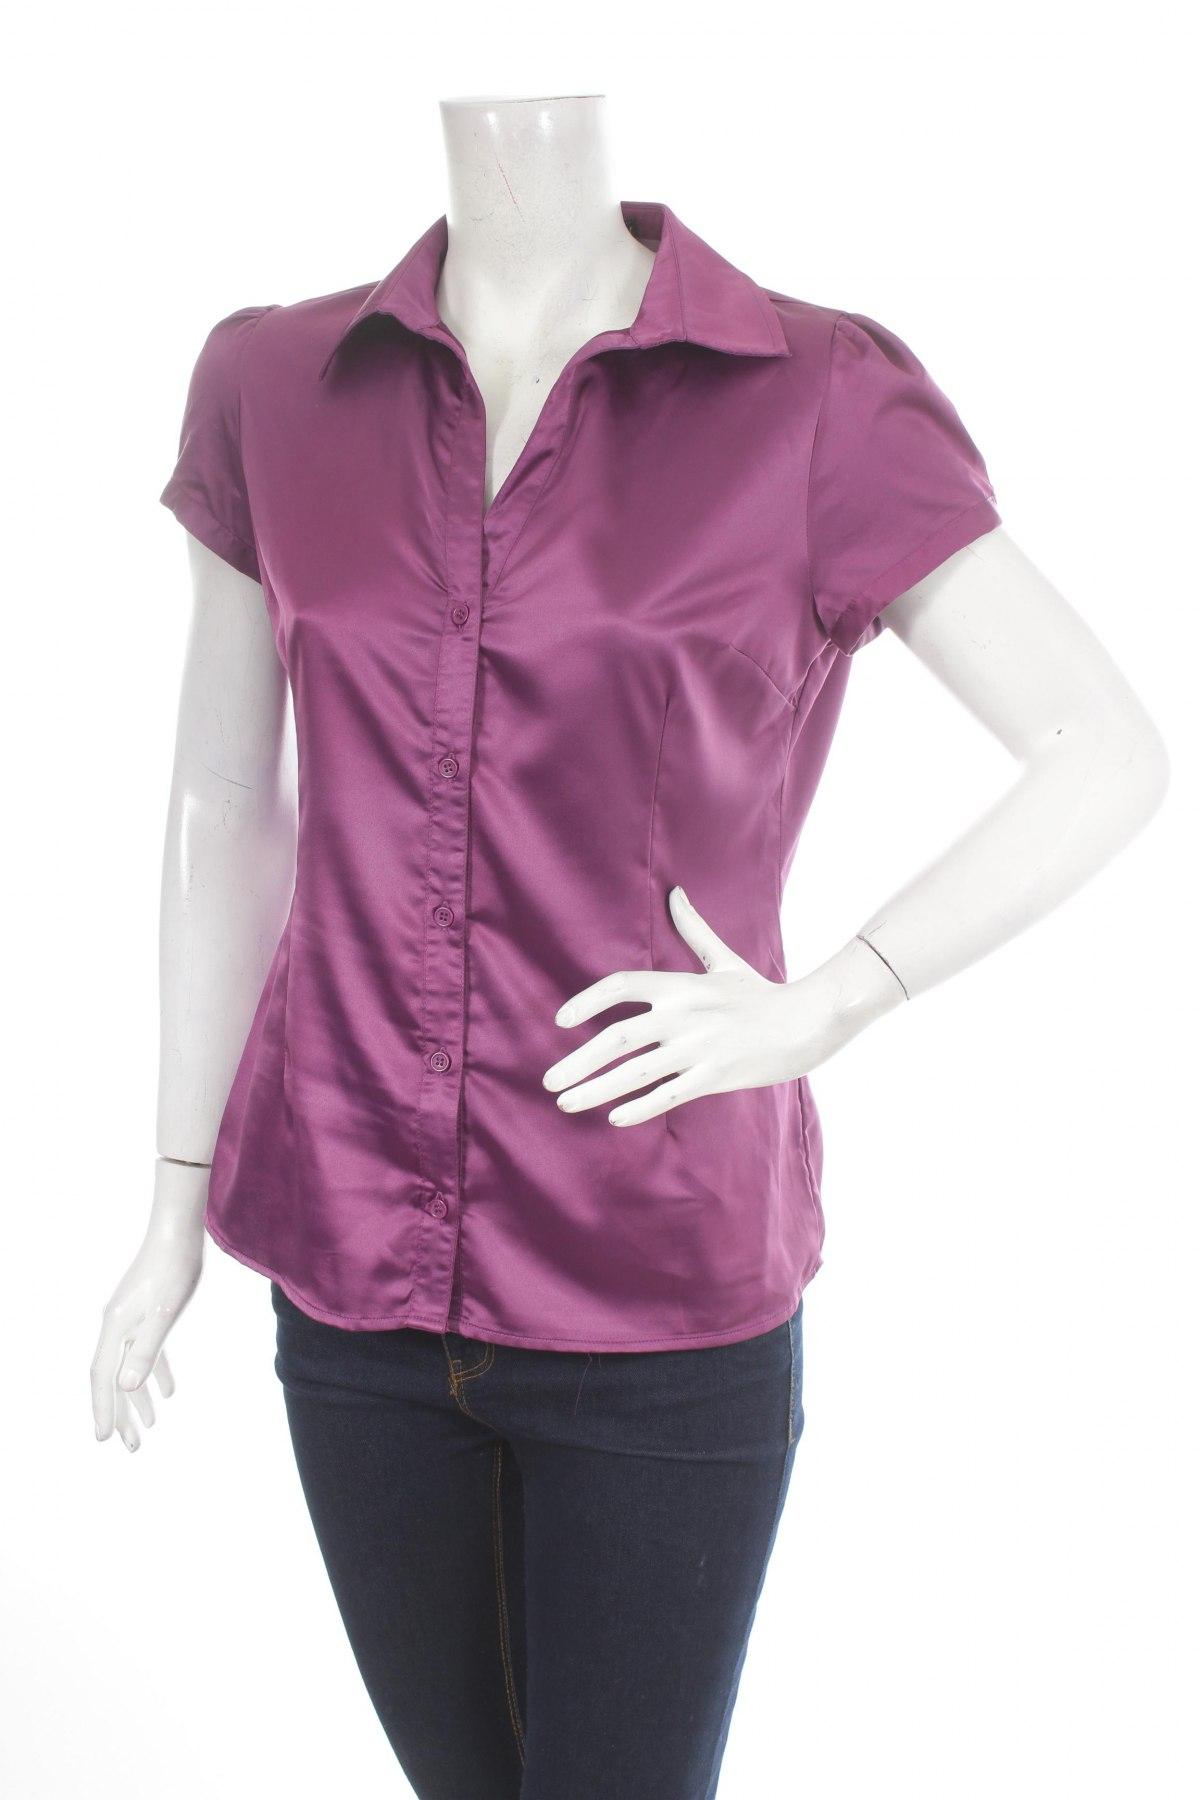 Γυναικείο πουκάμισο Lefties, Μέγεθος L, Χρώμα Βιολετί, 97% πολυεστέρας, 3% ελαστάνη, Τιμή 13,92€